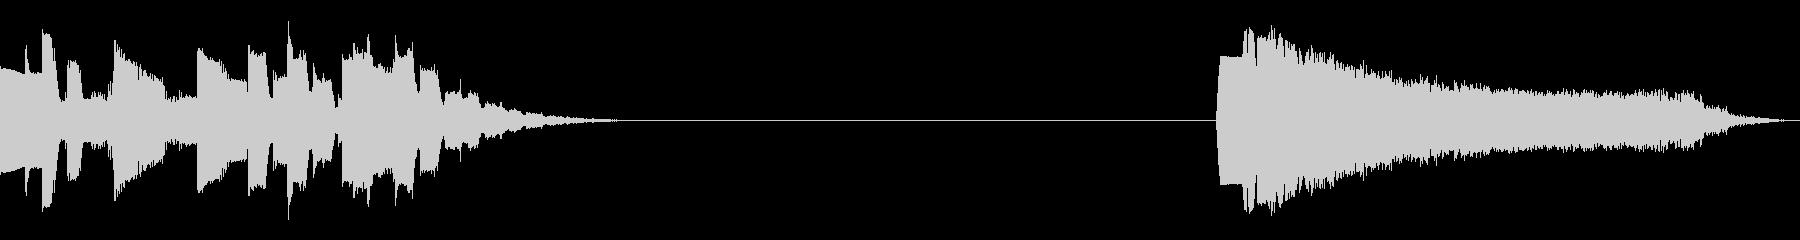 信号空間、2バージョン、アラーム;...の未再生の波形